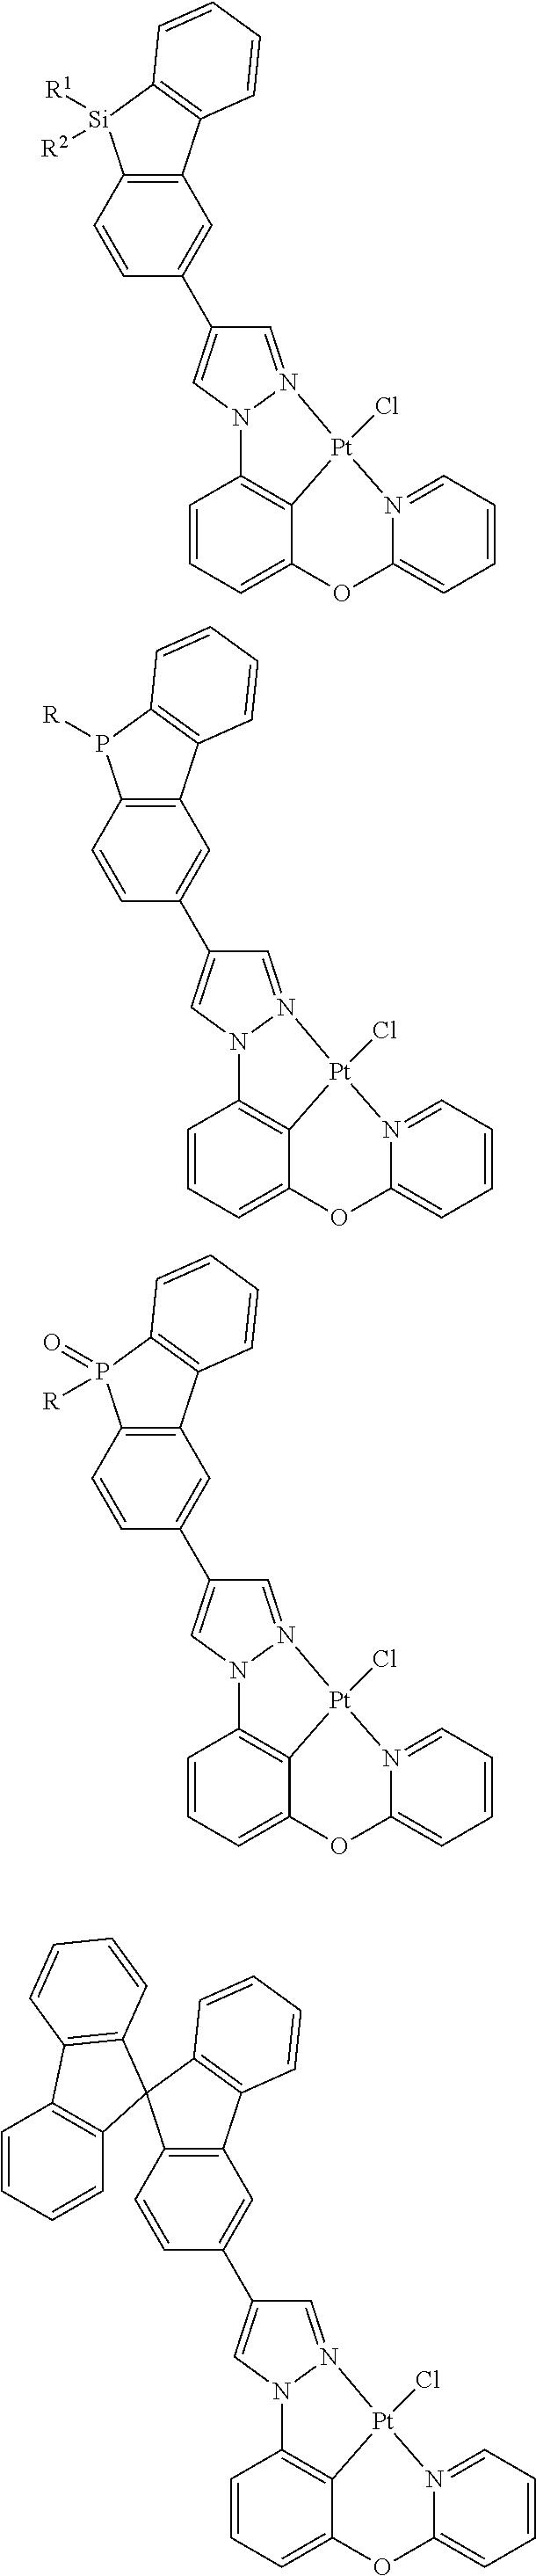 Figure US09818959-20171114-C00508